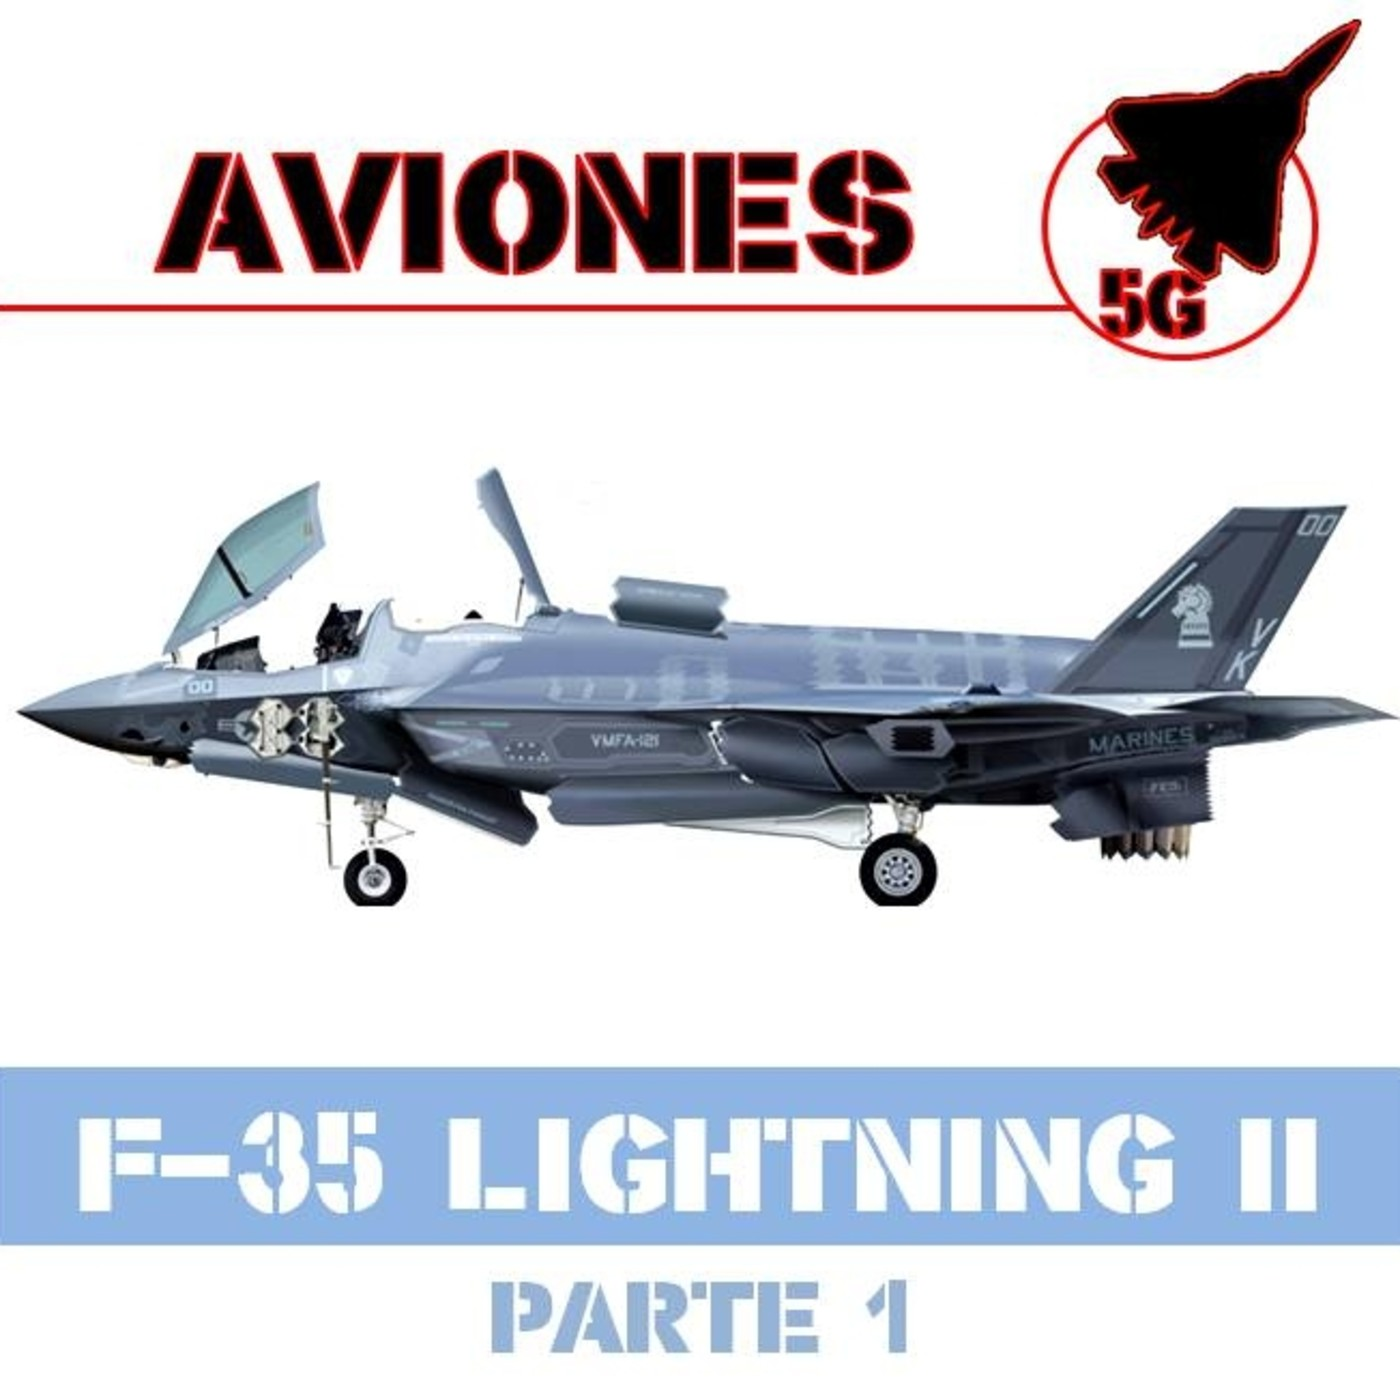 AVIONES 10#89 F-35 LightningII: Concepción del Joint Strike Fighter - (1de4) Aviones de 5ª Generación